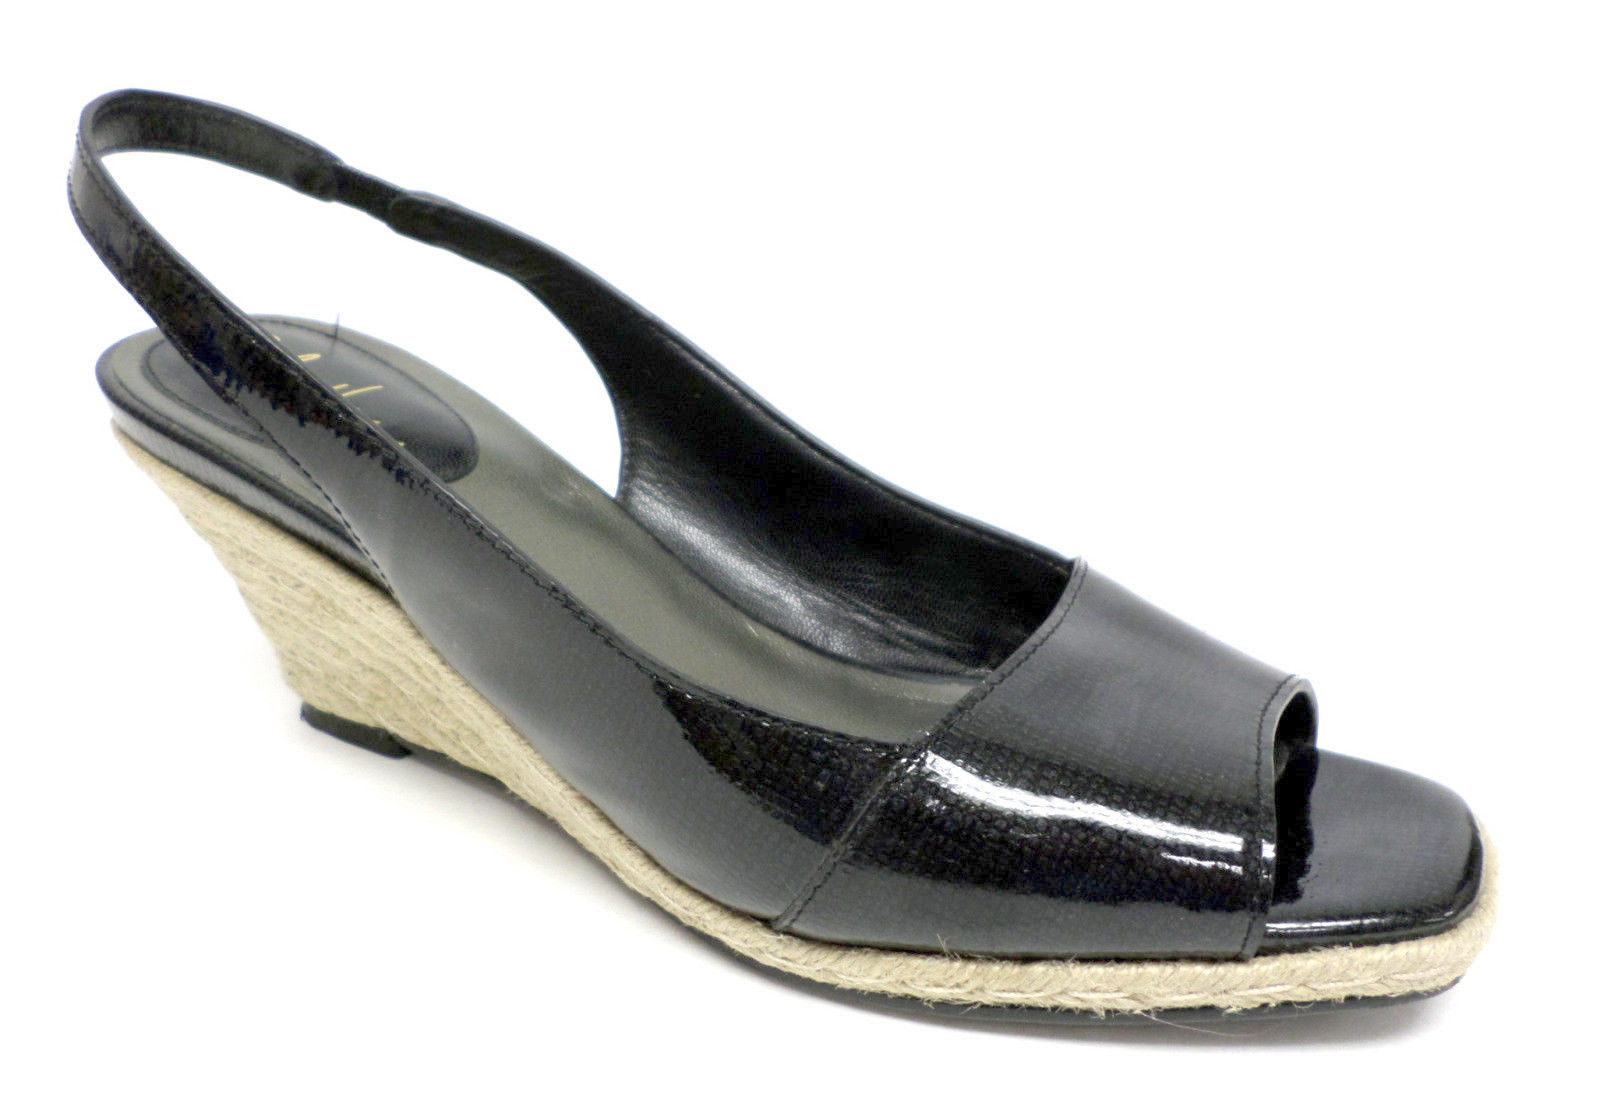 COLE HAAN Black Patent Pumps Size 8.5 Shoes Slingbacks Air 8 1/2 - $33.00